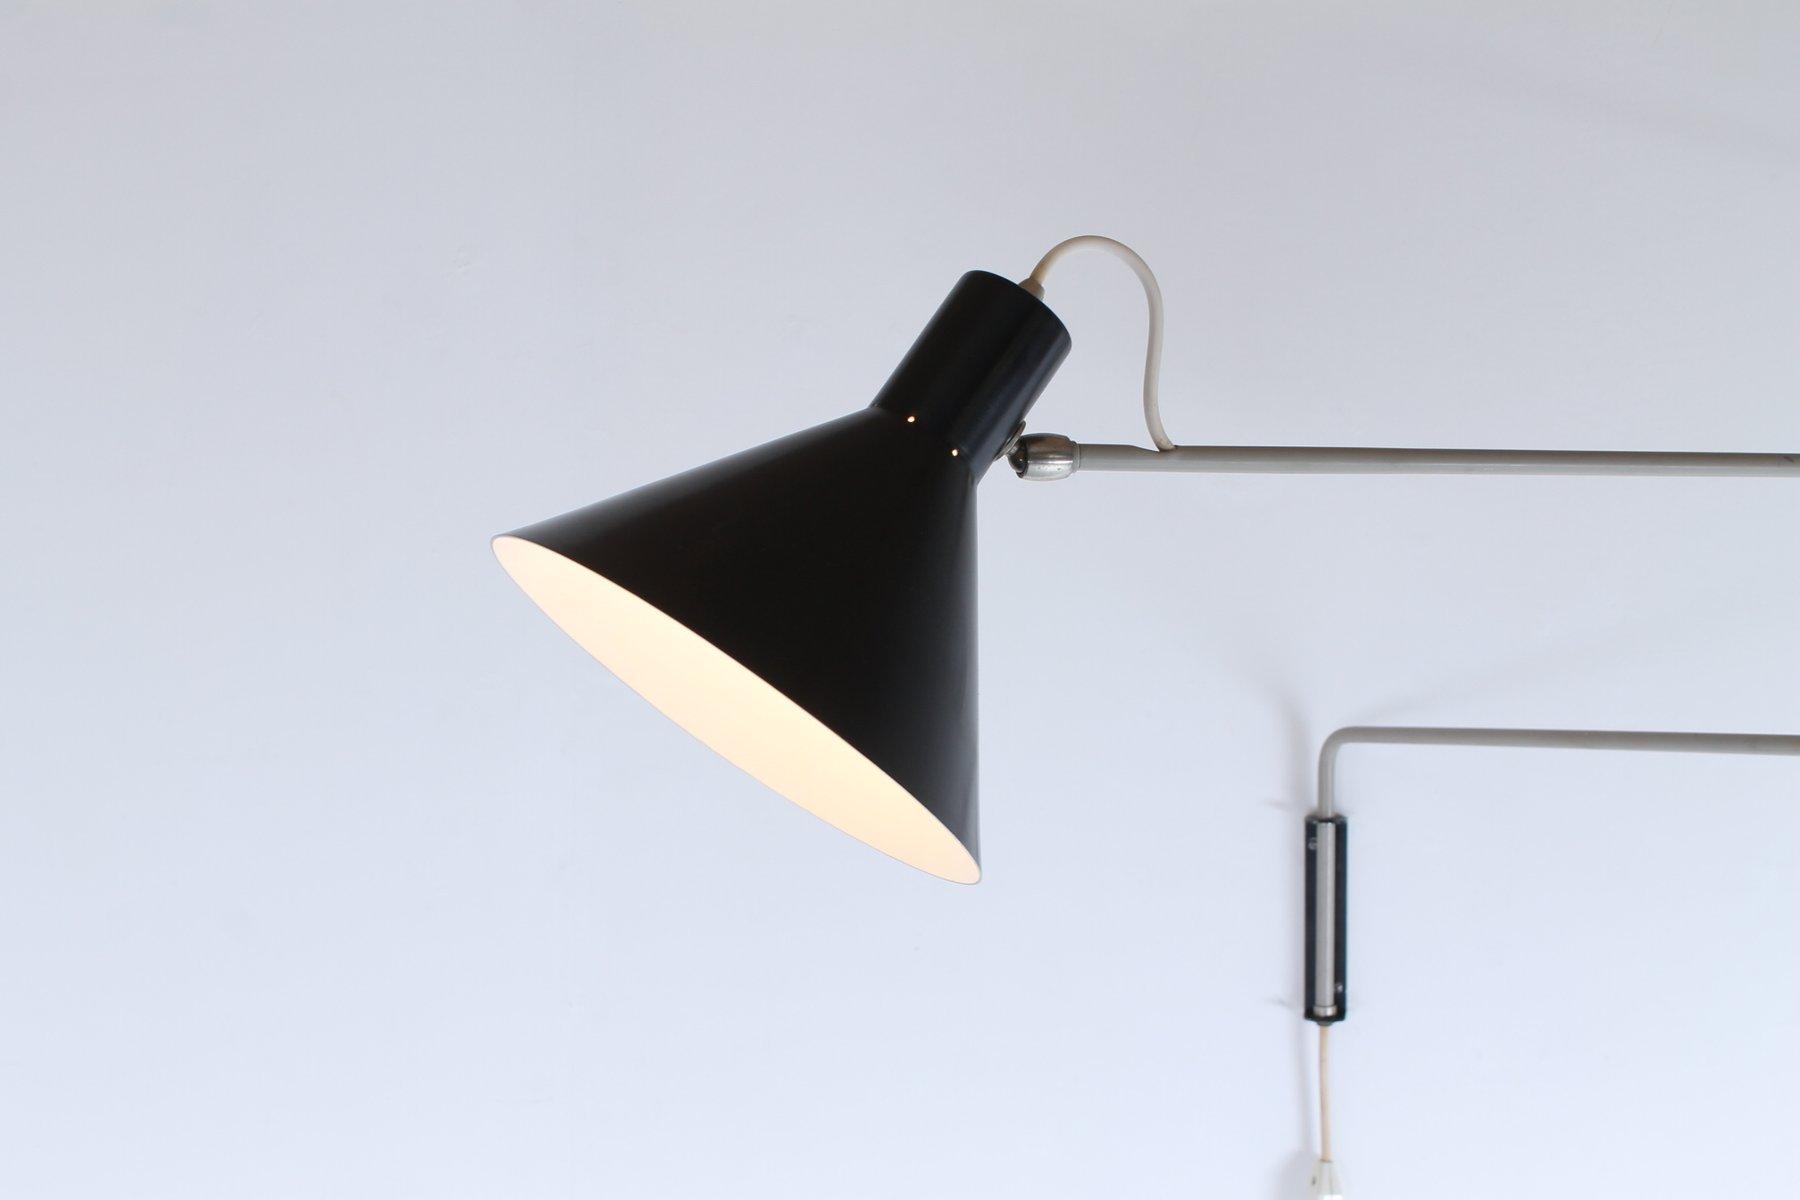 applique murale vintage paperclip noire et grise avec bras pivotant par j j m hoogervorst. Black Bedroom Furniture Sets. Home Design Ideas